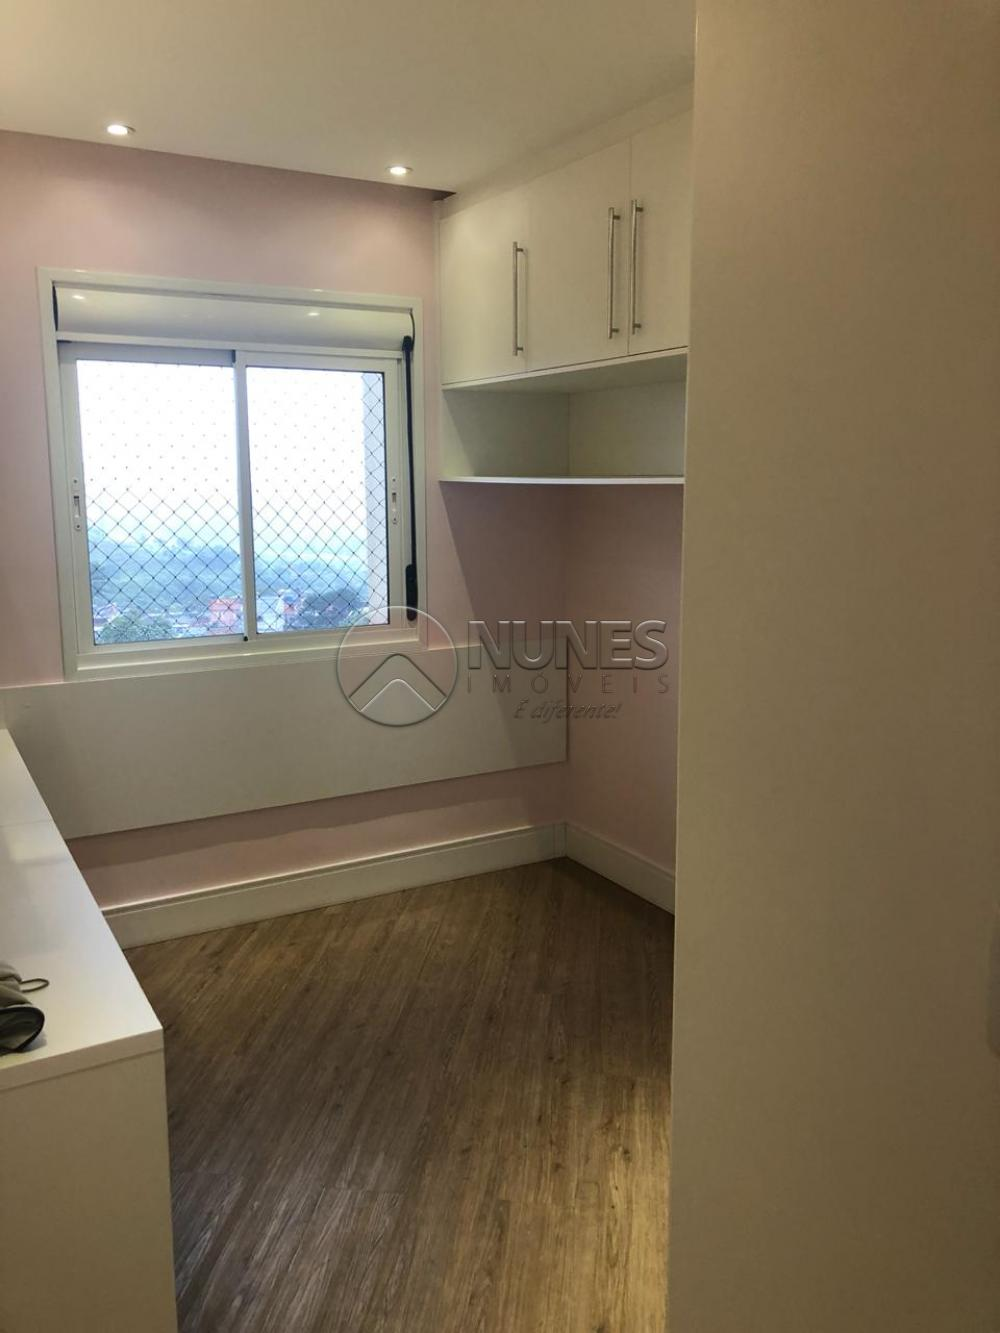 Comprar Apartamento / Padrão em Barueri apenas R$ 520.000,00 - Foto 16